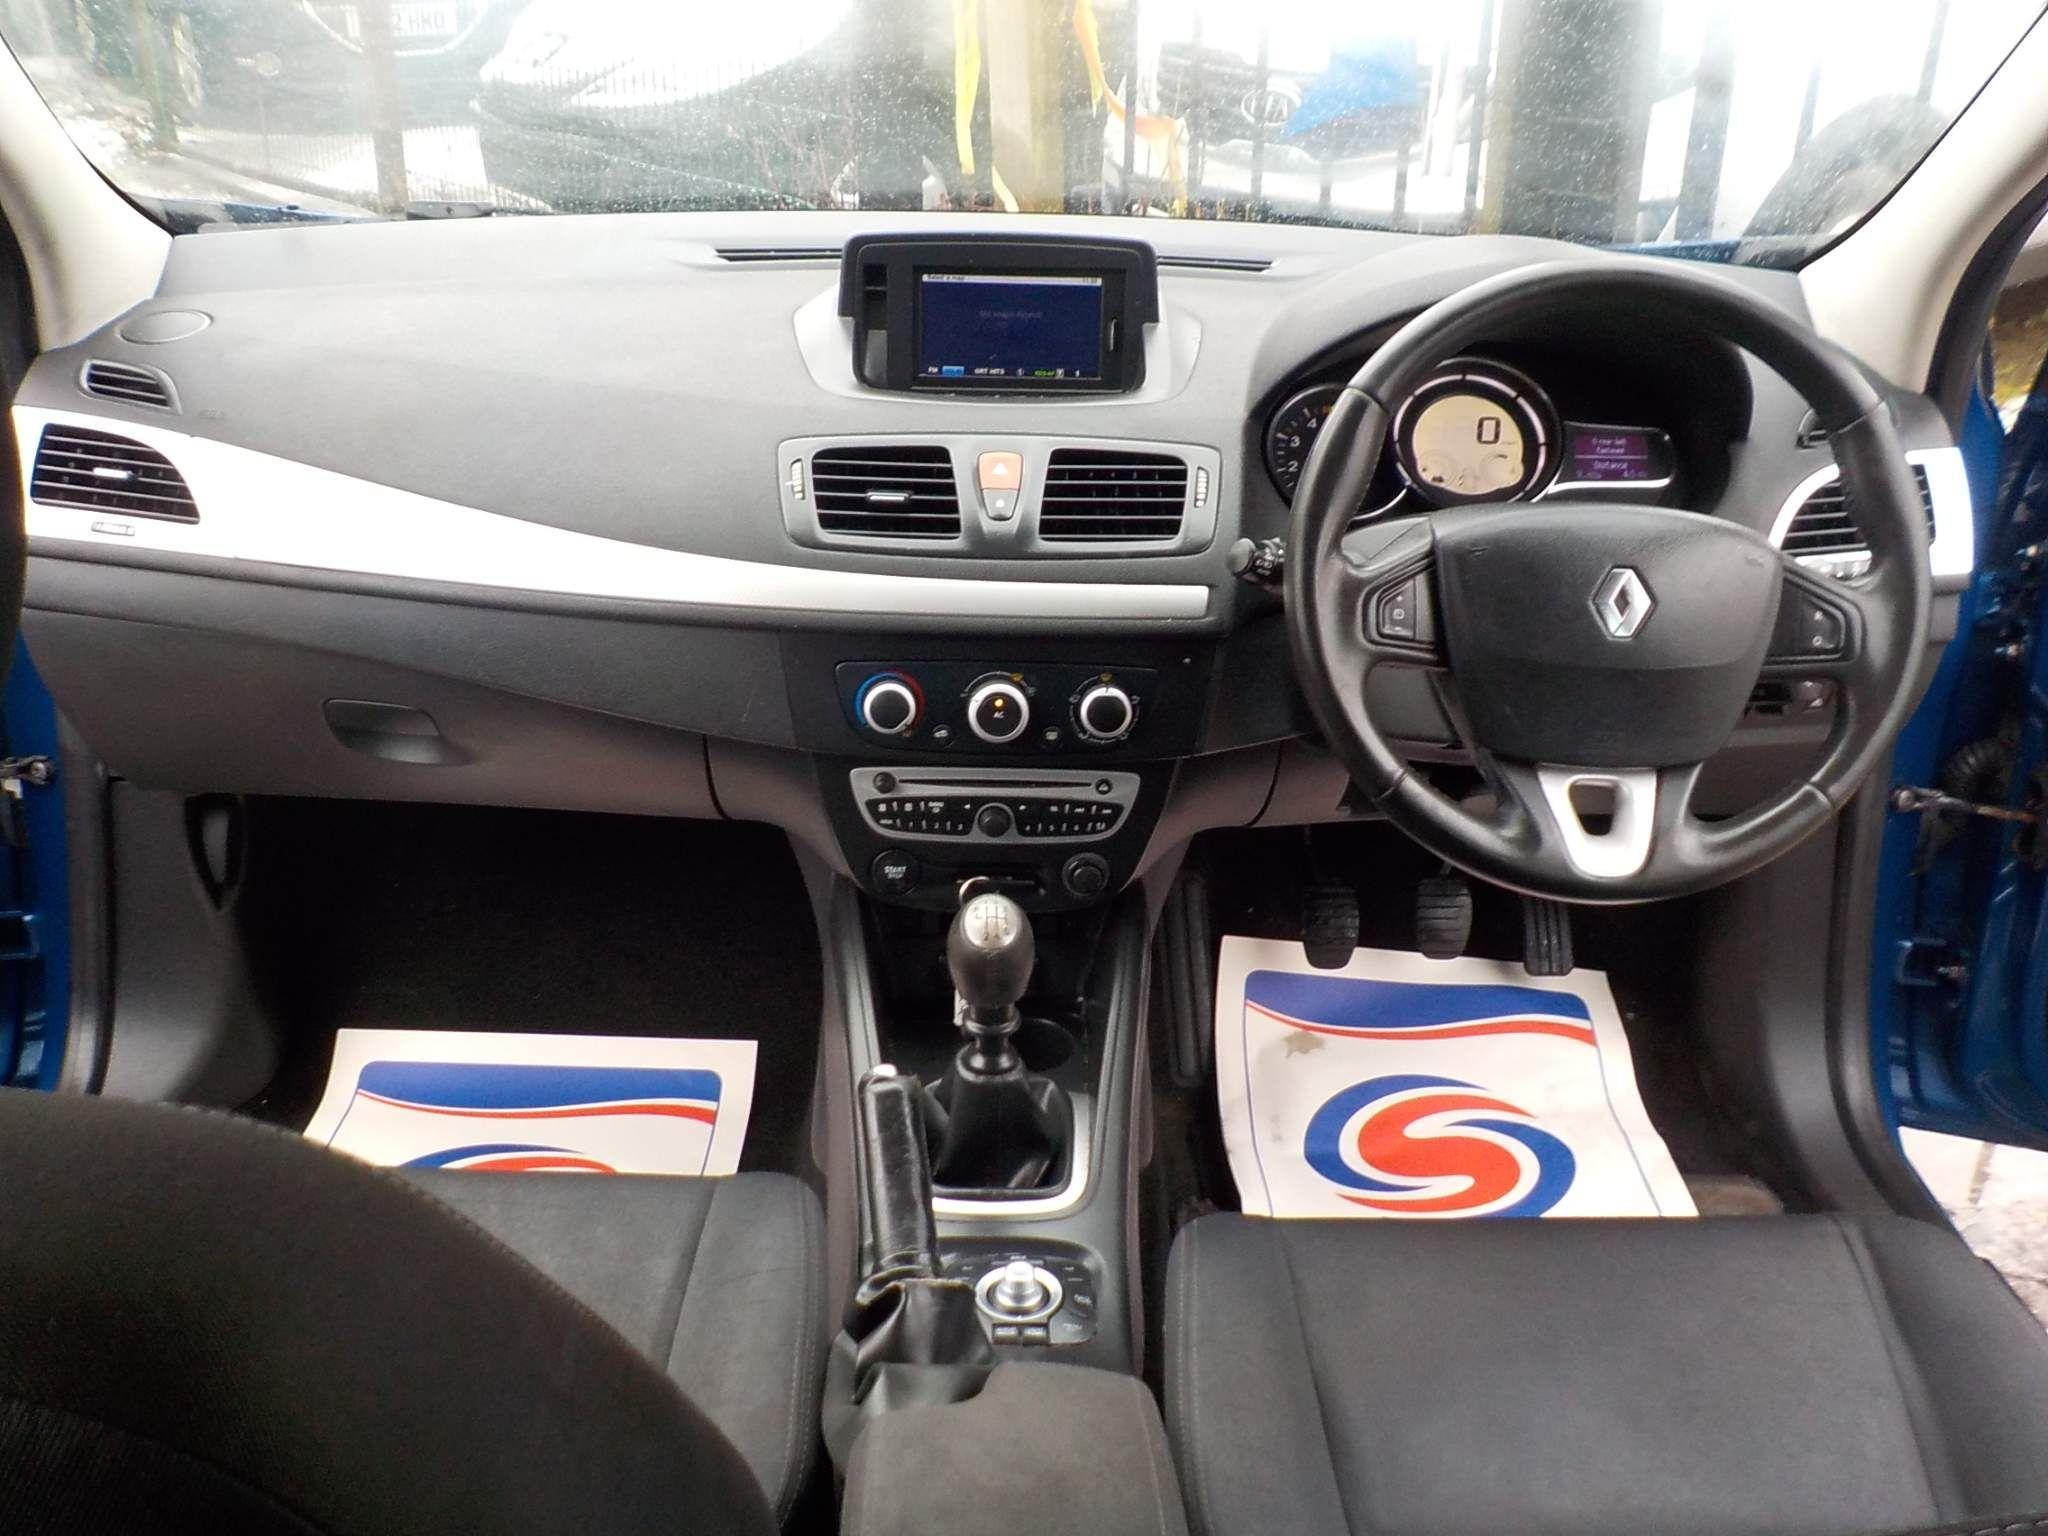 Renault Megane 1.5 dCi Dynamique Tom Tom 5dr (Tom Tom)